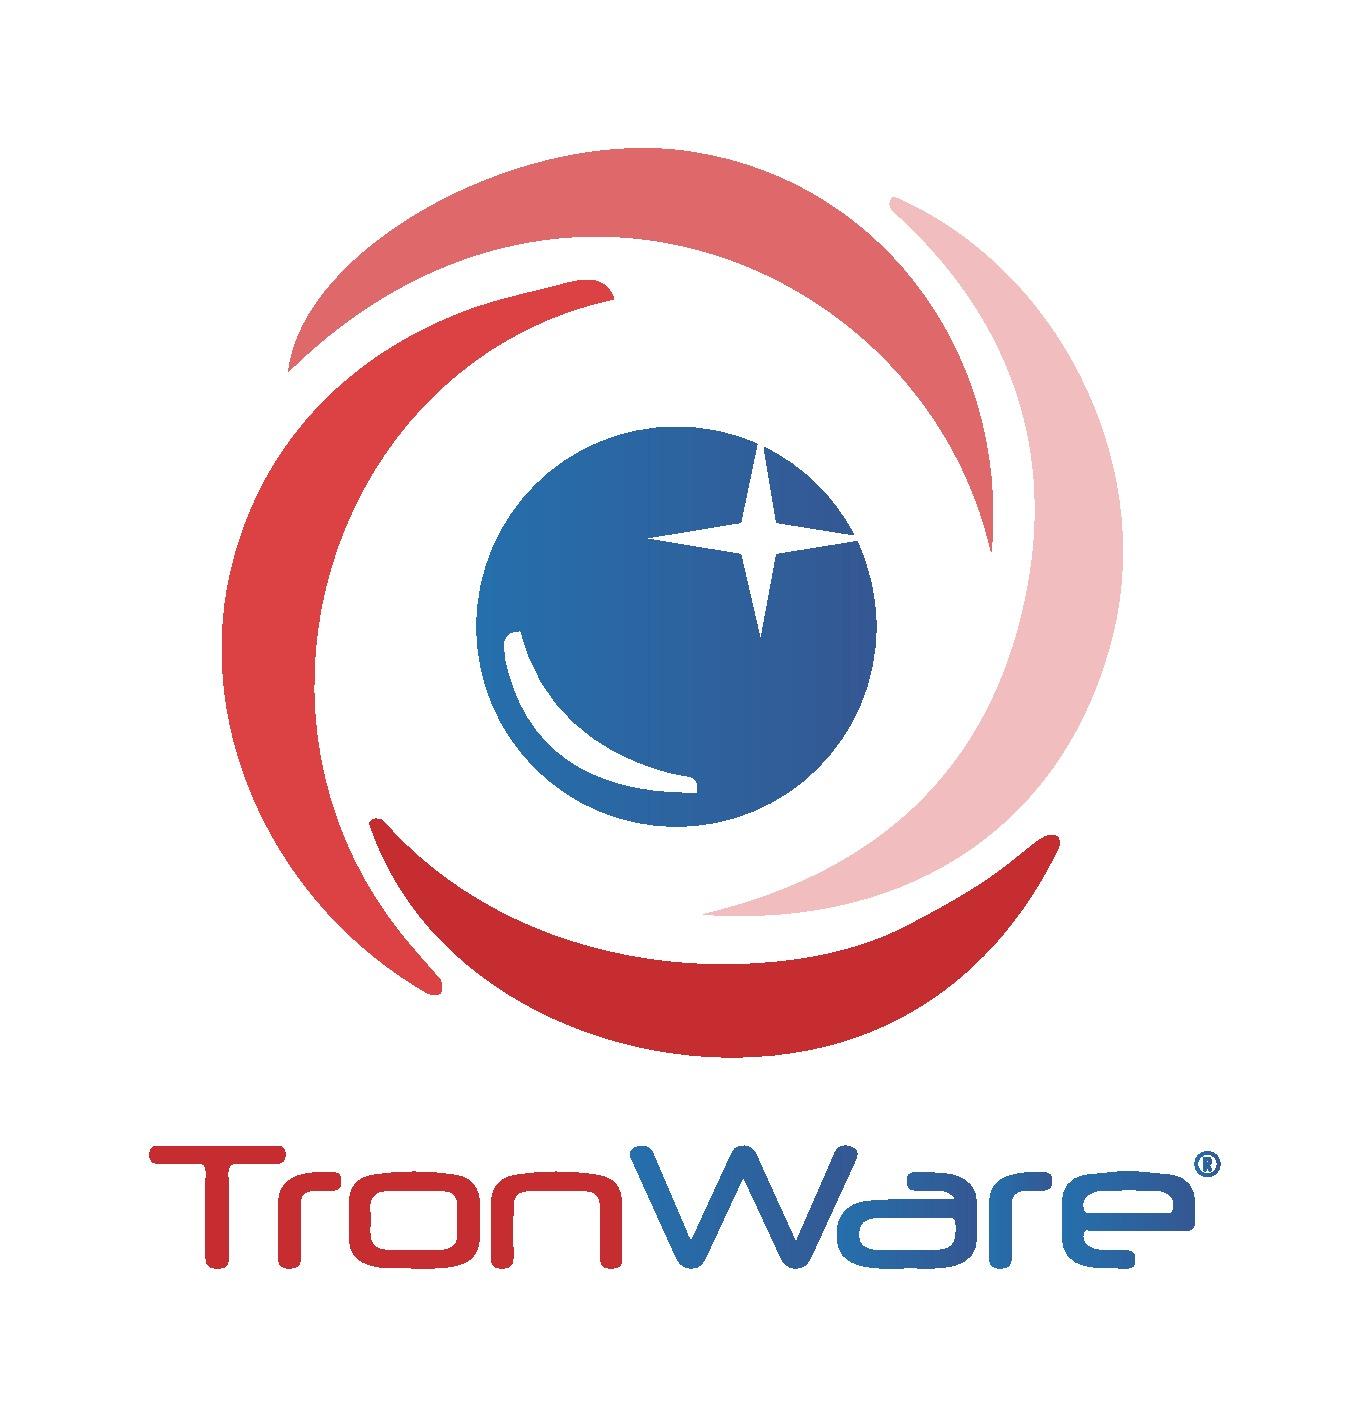 創微生医科技股份有限公司(Tronware Medtech)-Logo